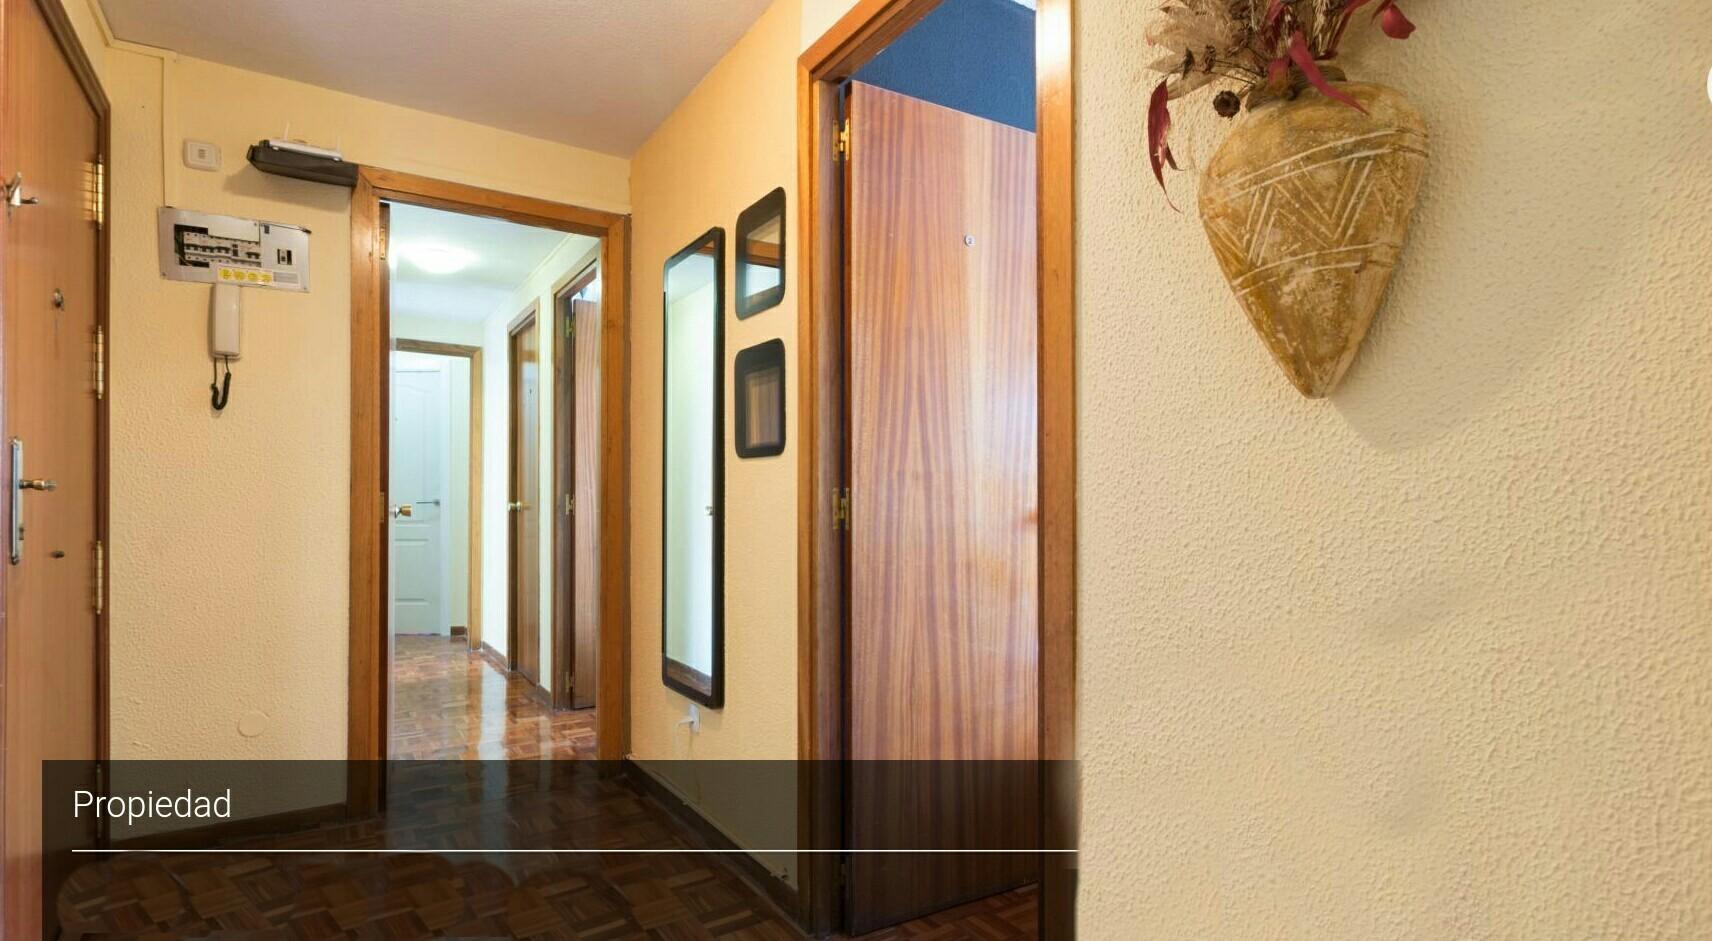 Habitaciónes disponible en La Plata centro-359